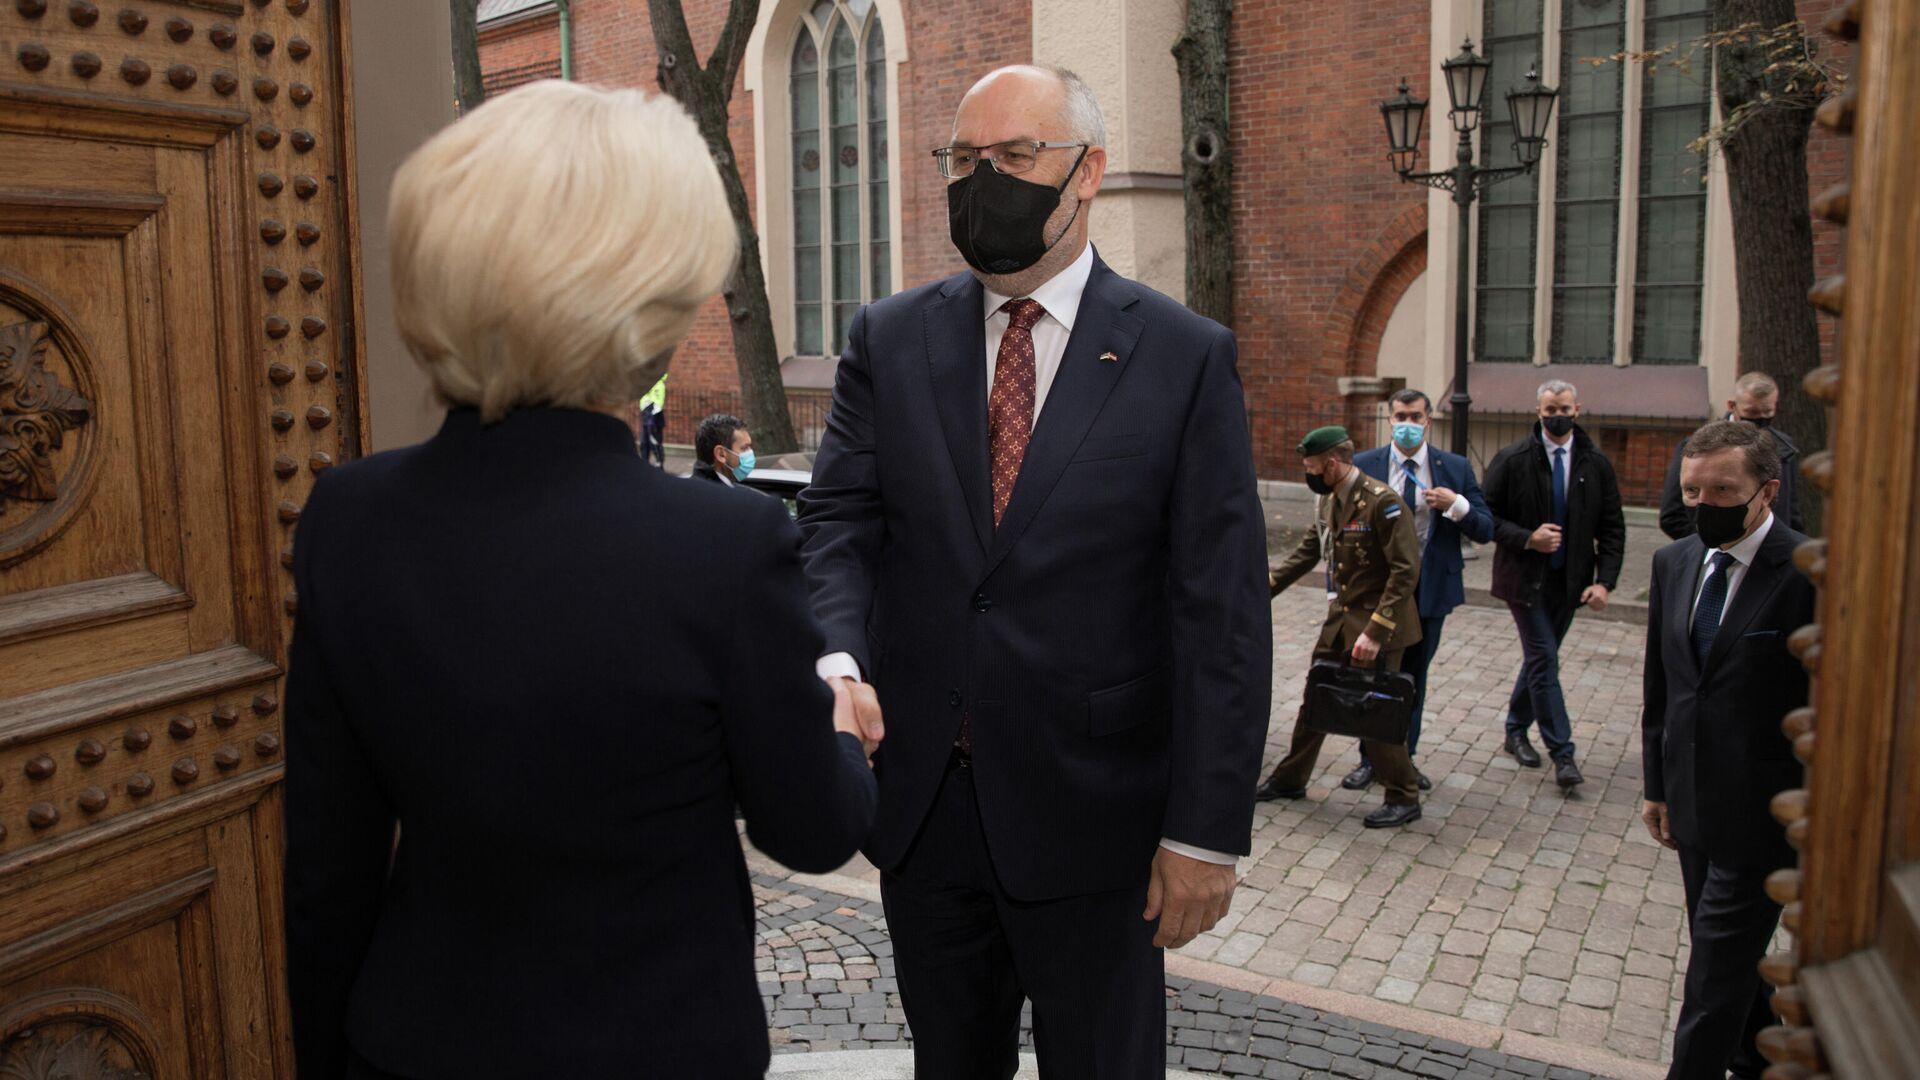 Президент Эстонии Алар Карис прибыл с официальным визитом в Сейм Латвии - Sputnik Латвия, 1920, 14.10.2021